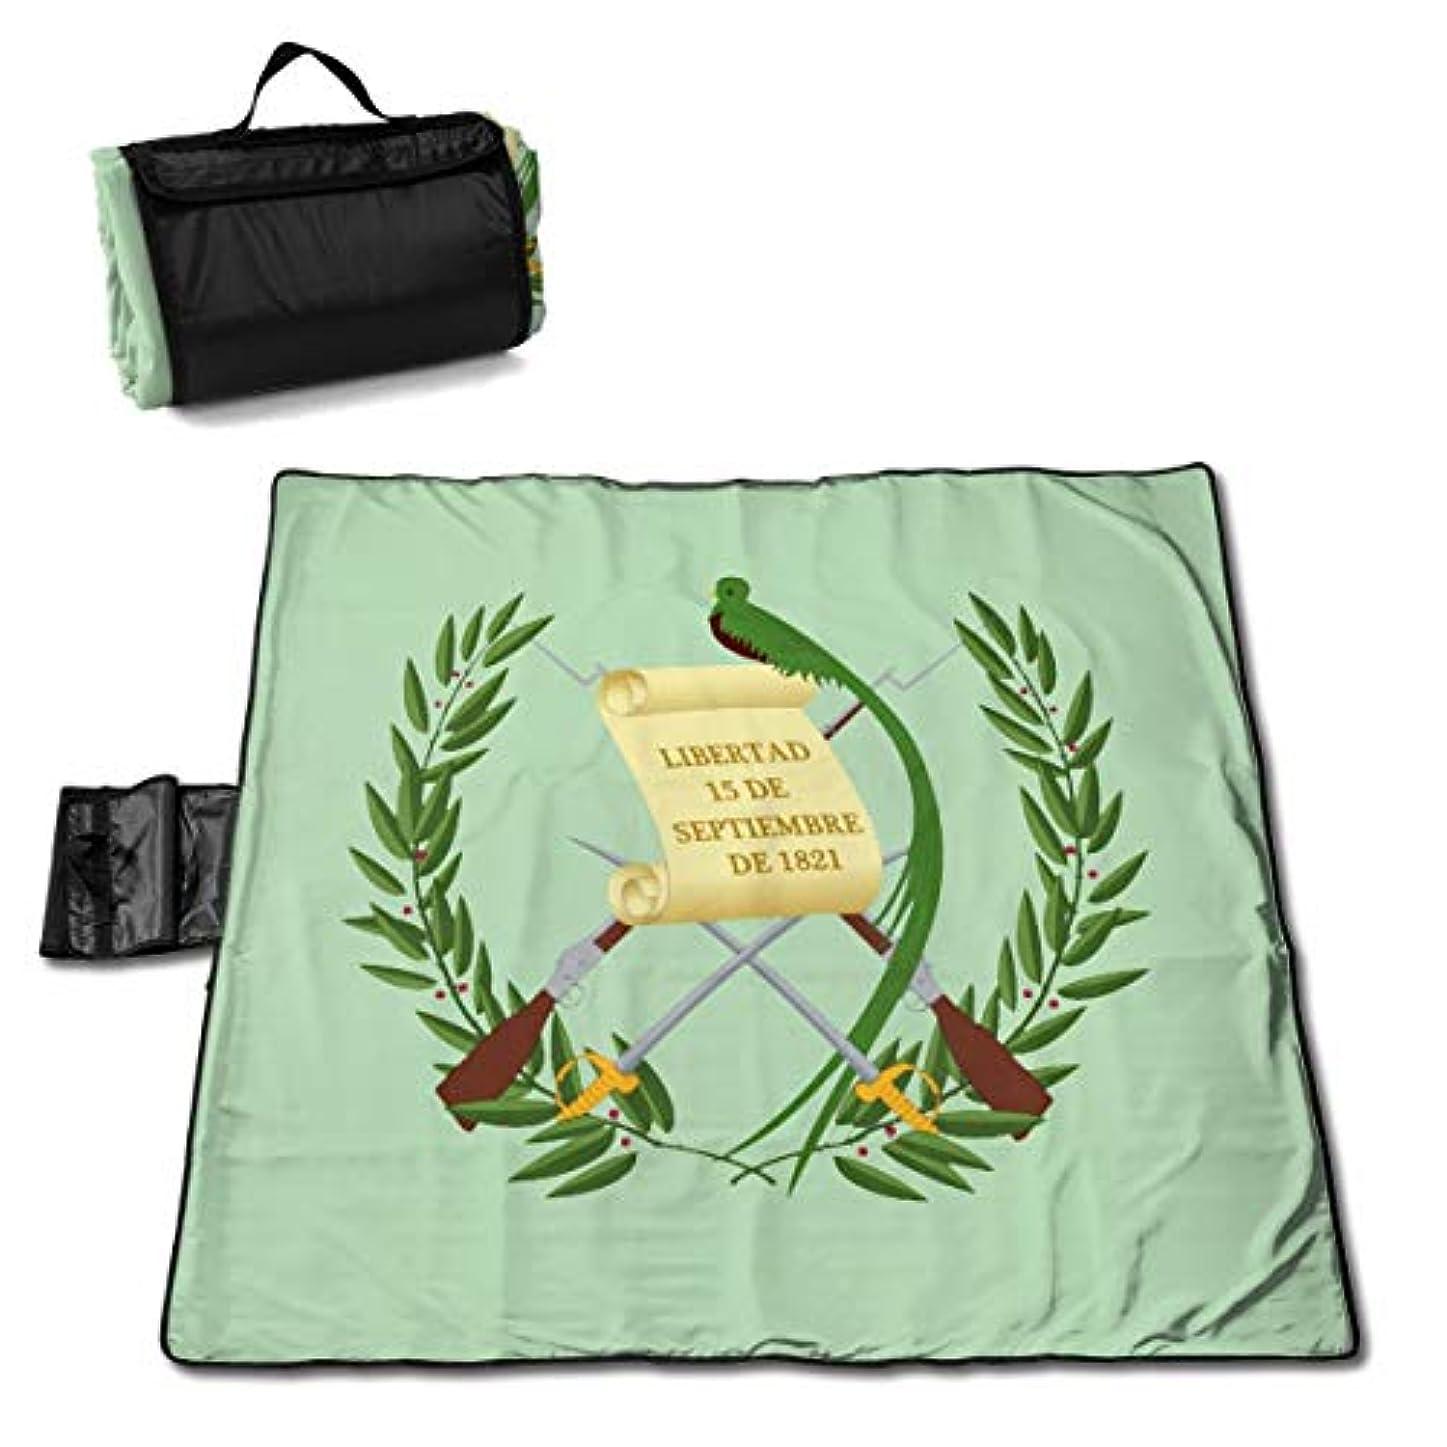 目を覚ますまた明日ねあたたかいグアテマラの国旗 ピクニックマット レジャーシート ファミリー レジャーマット 防水 防潮 マット 折り畳み 持ち運び便利 四季適用び おしゃれ花火大会 運動会 遠足 キャンプ 145×150cm